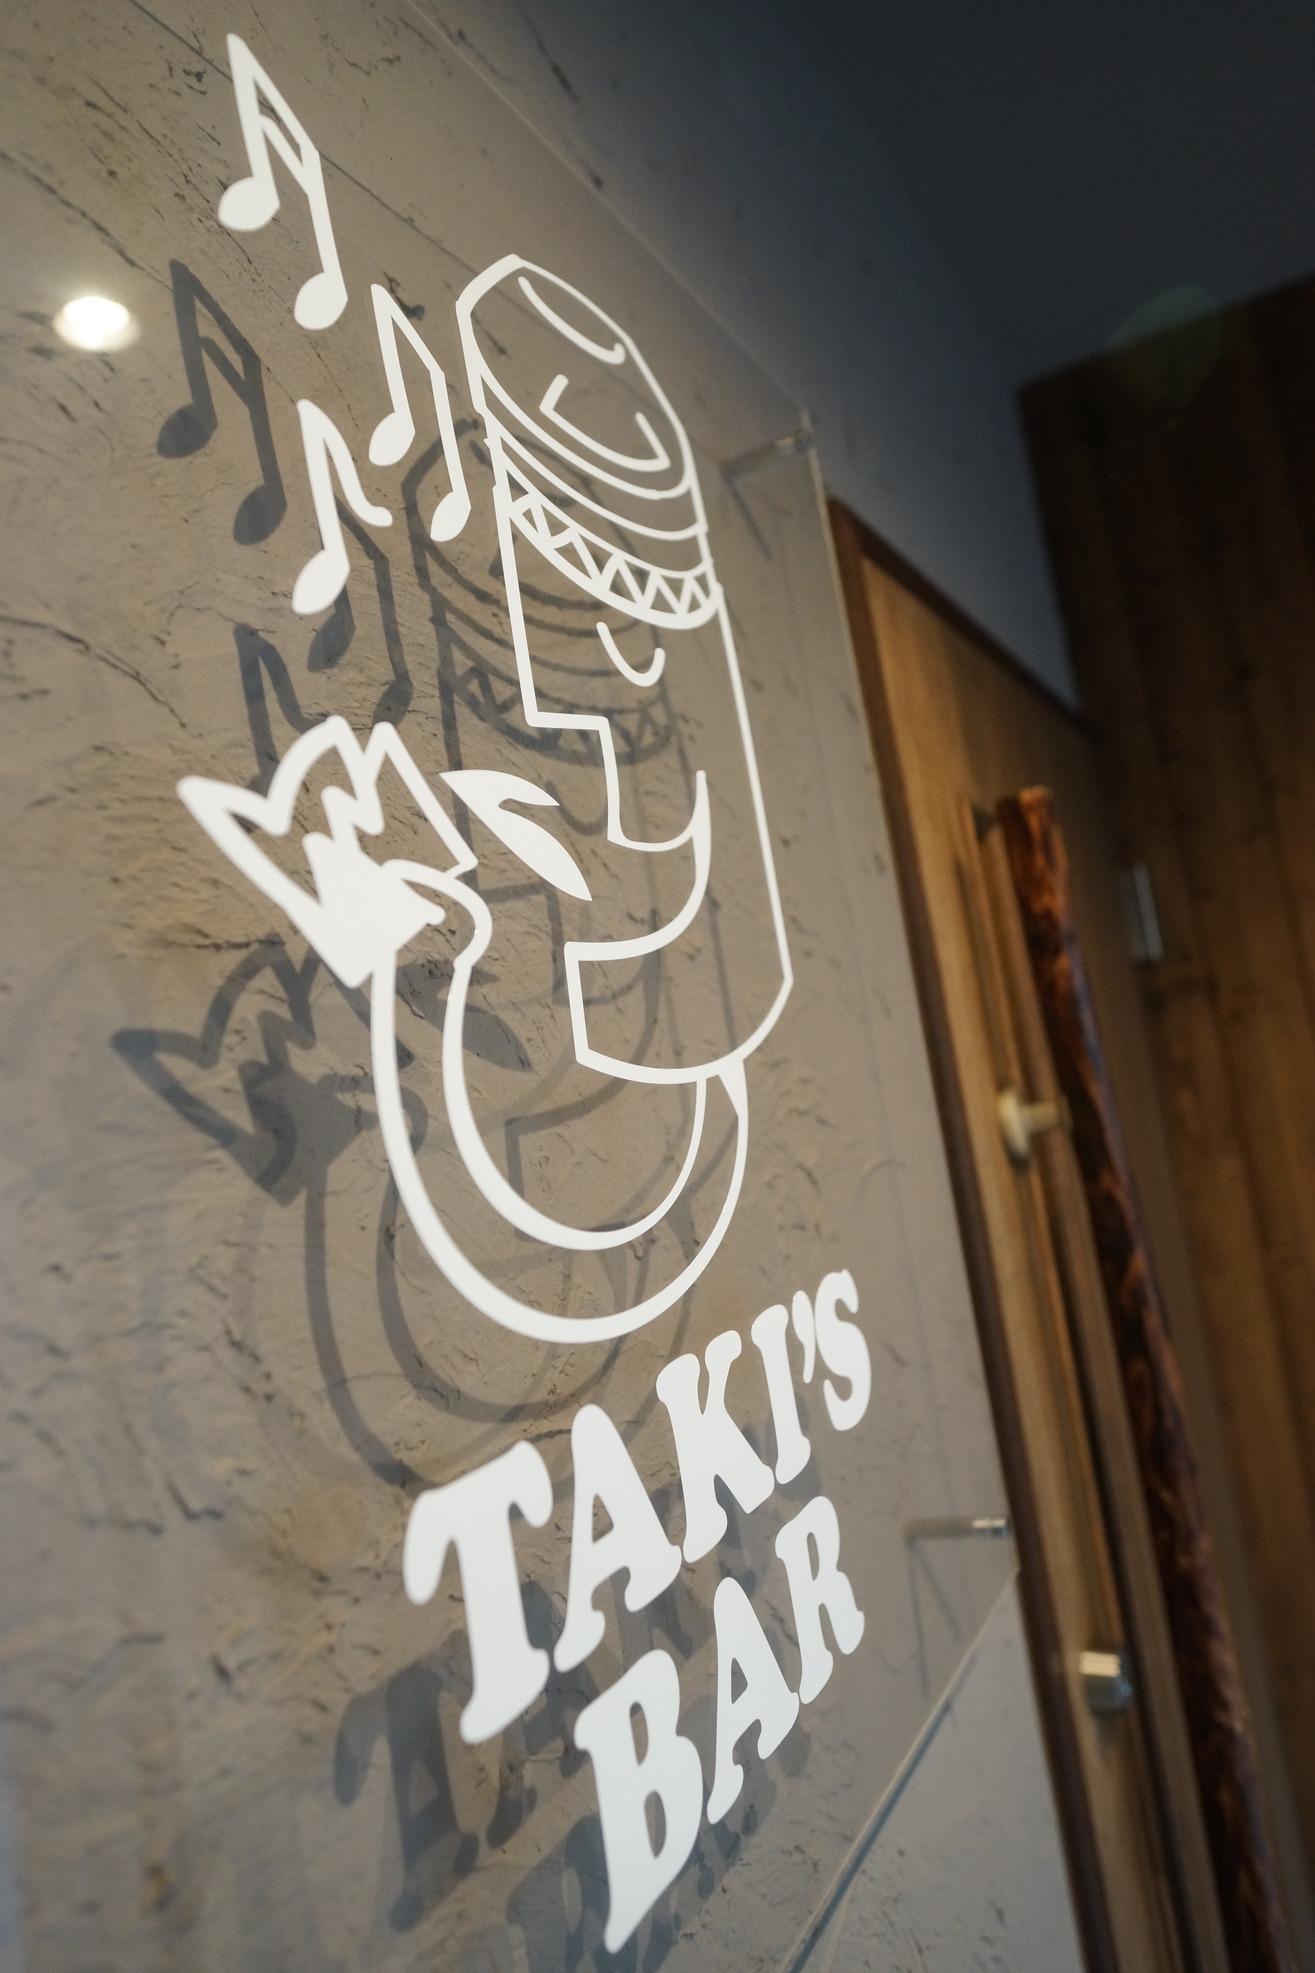 TAKI'S BAR